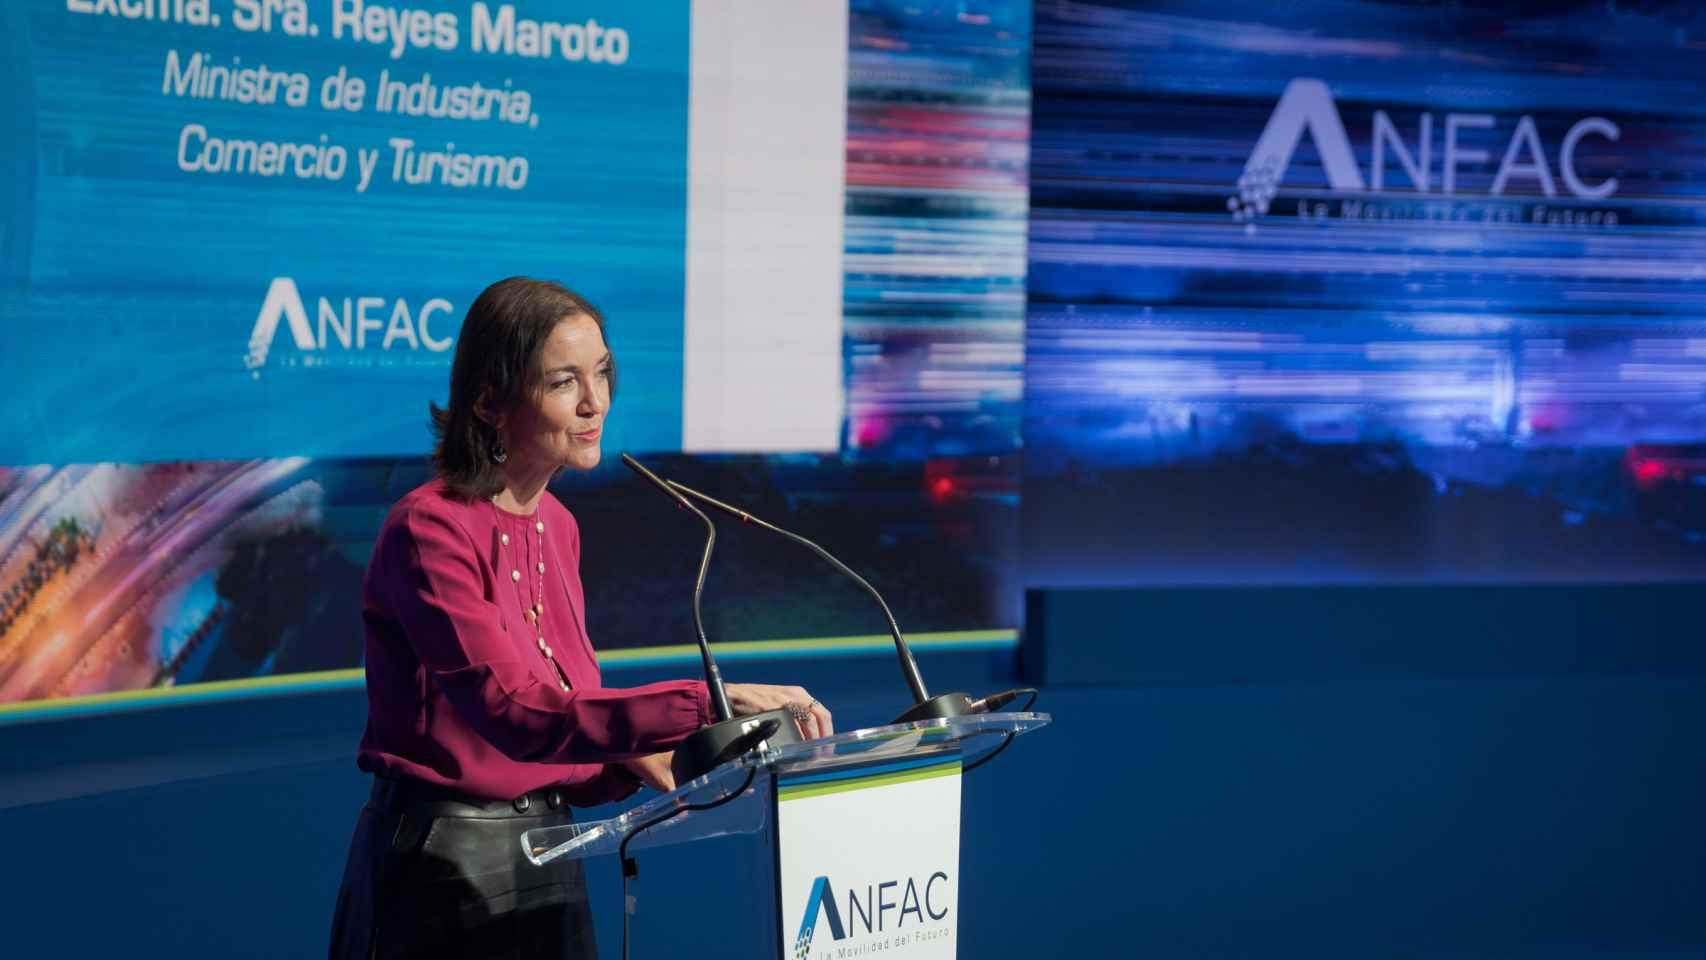 La ministra de Industria, Reyes Maroto, durante un evento de ANFAC.